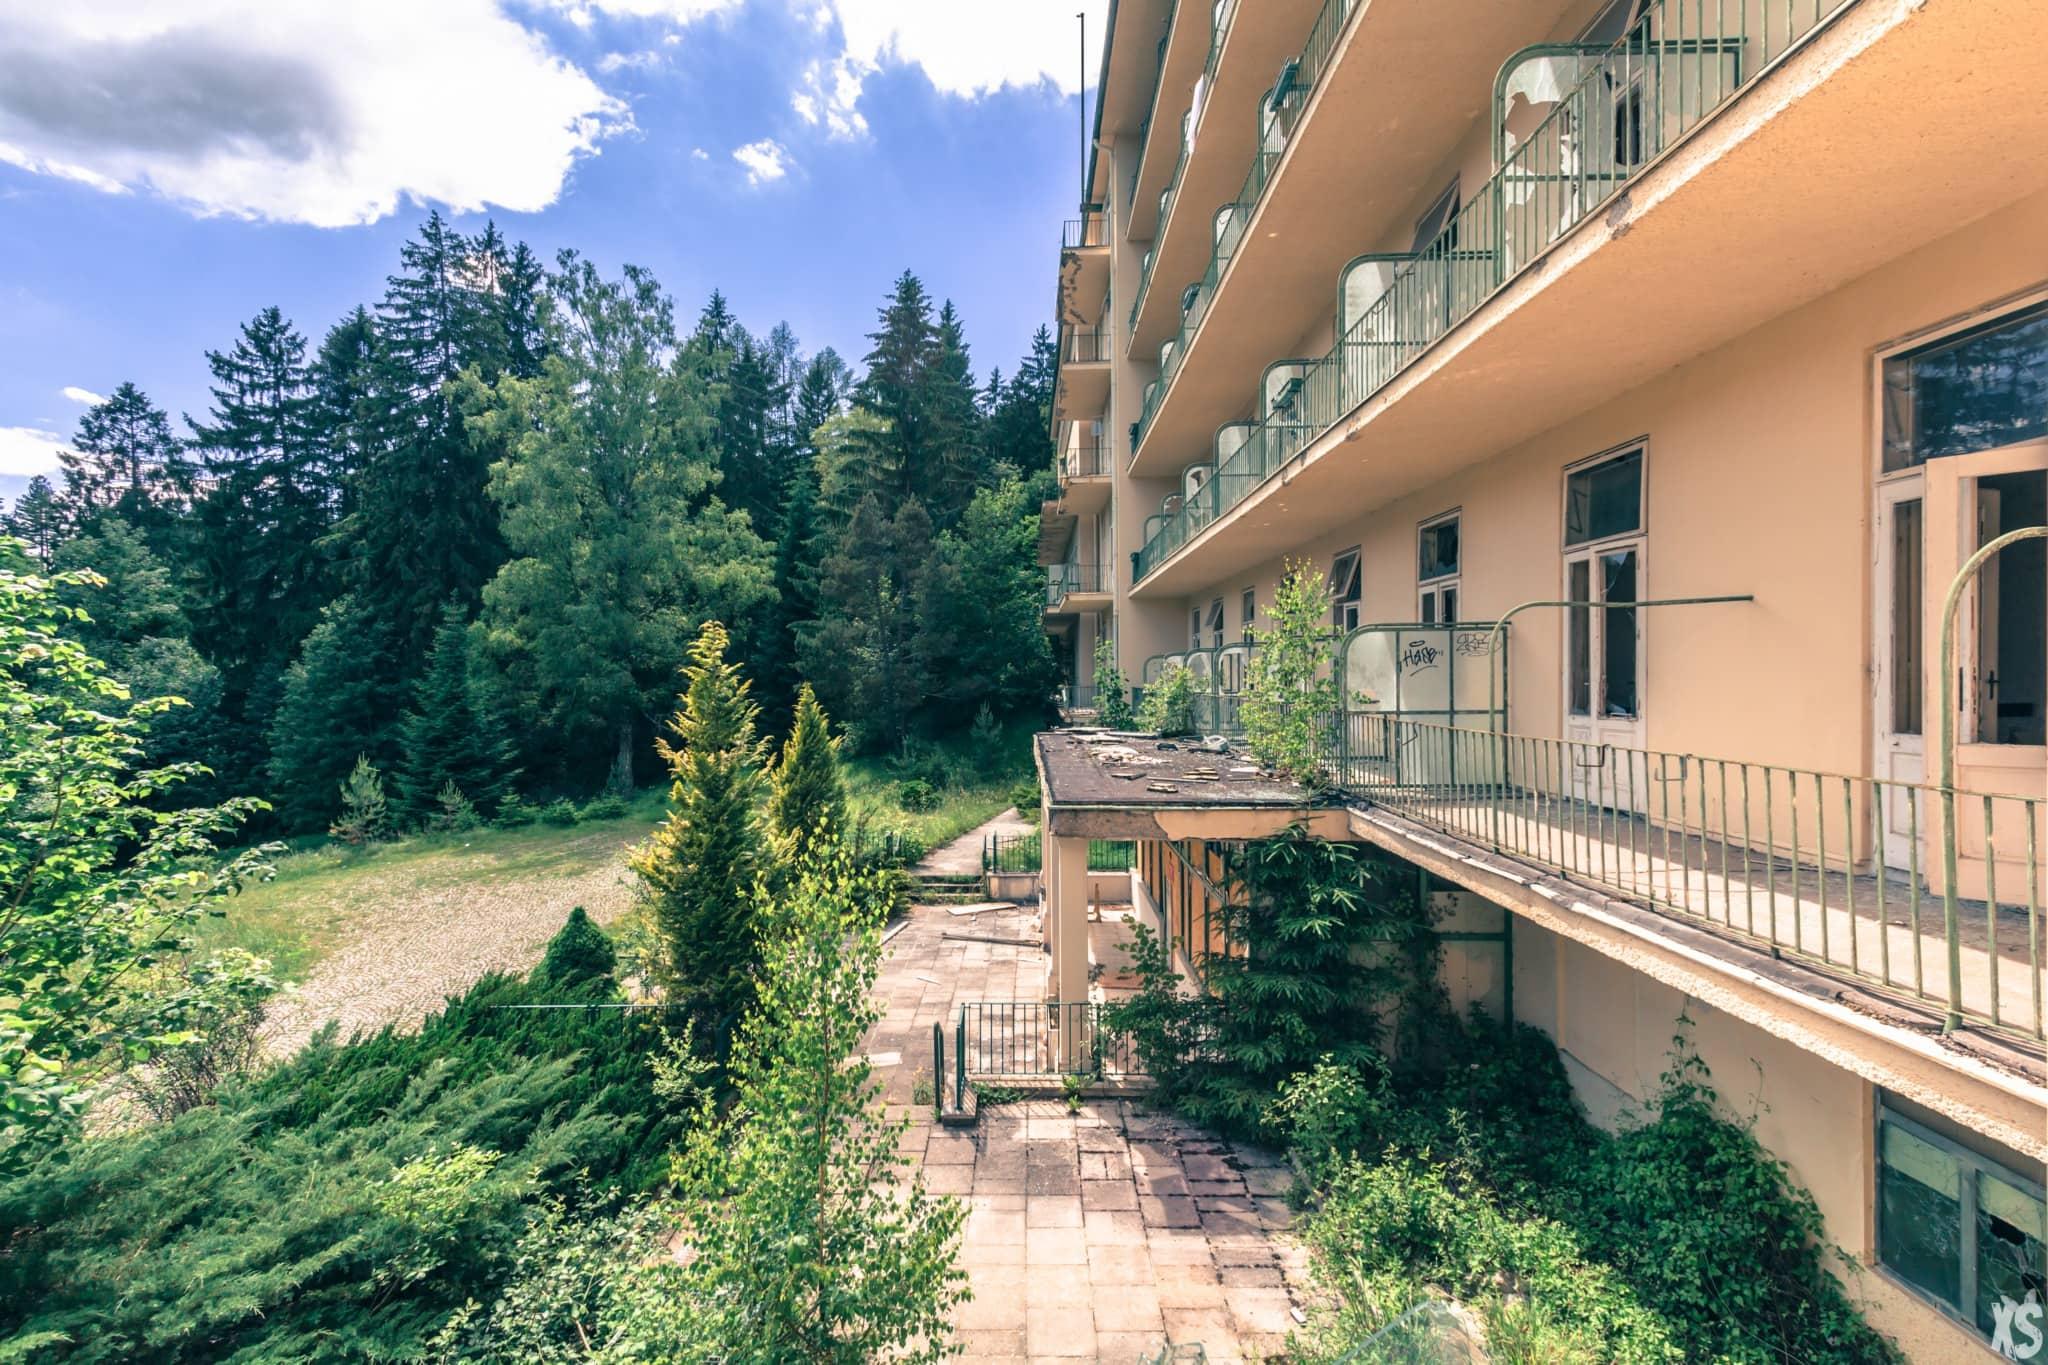 sanatorium-wienerwald-16